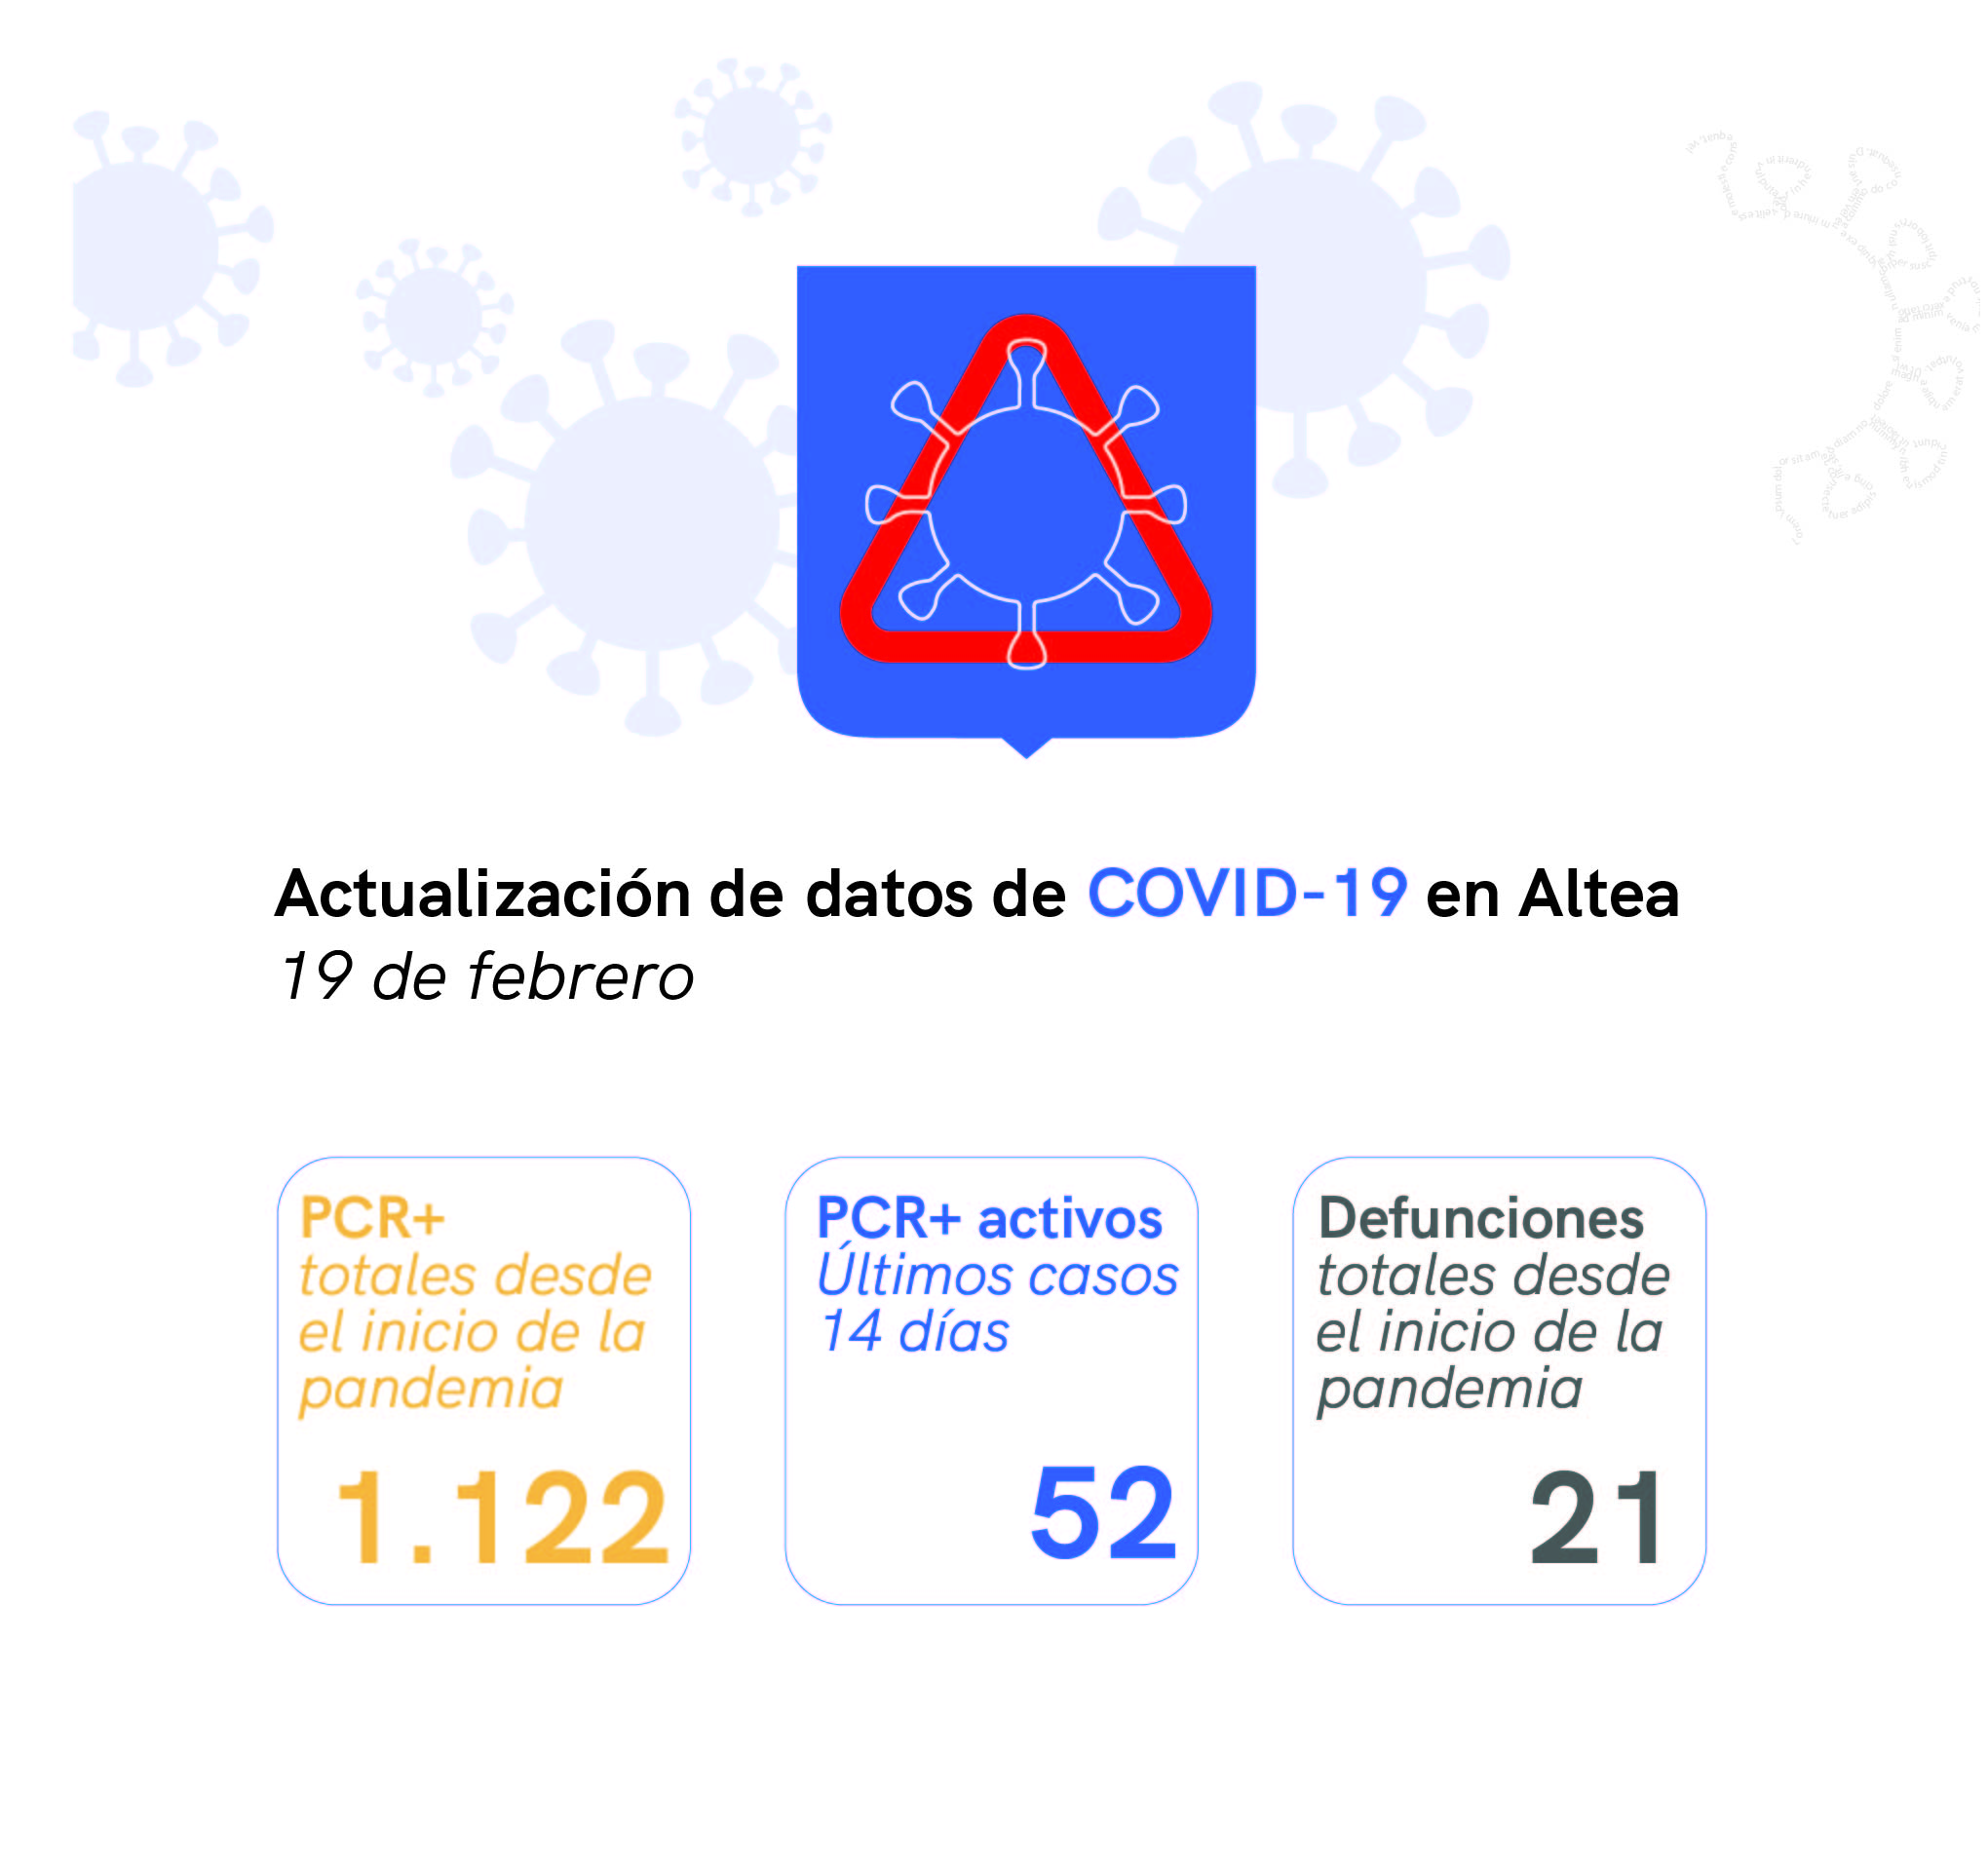 Situación actual de COVID-19 en Altea